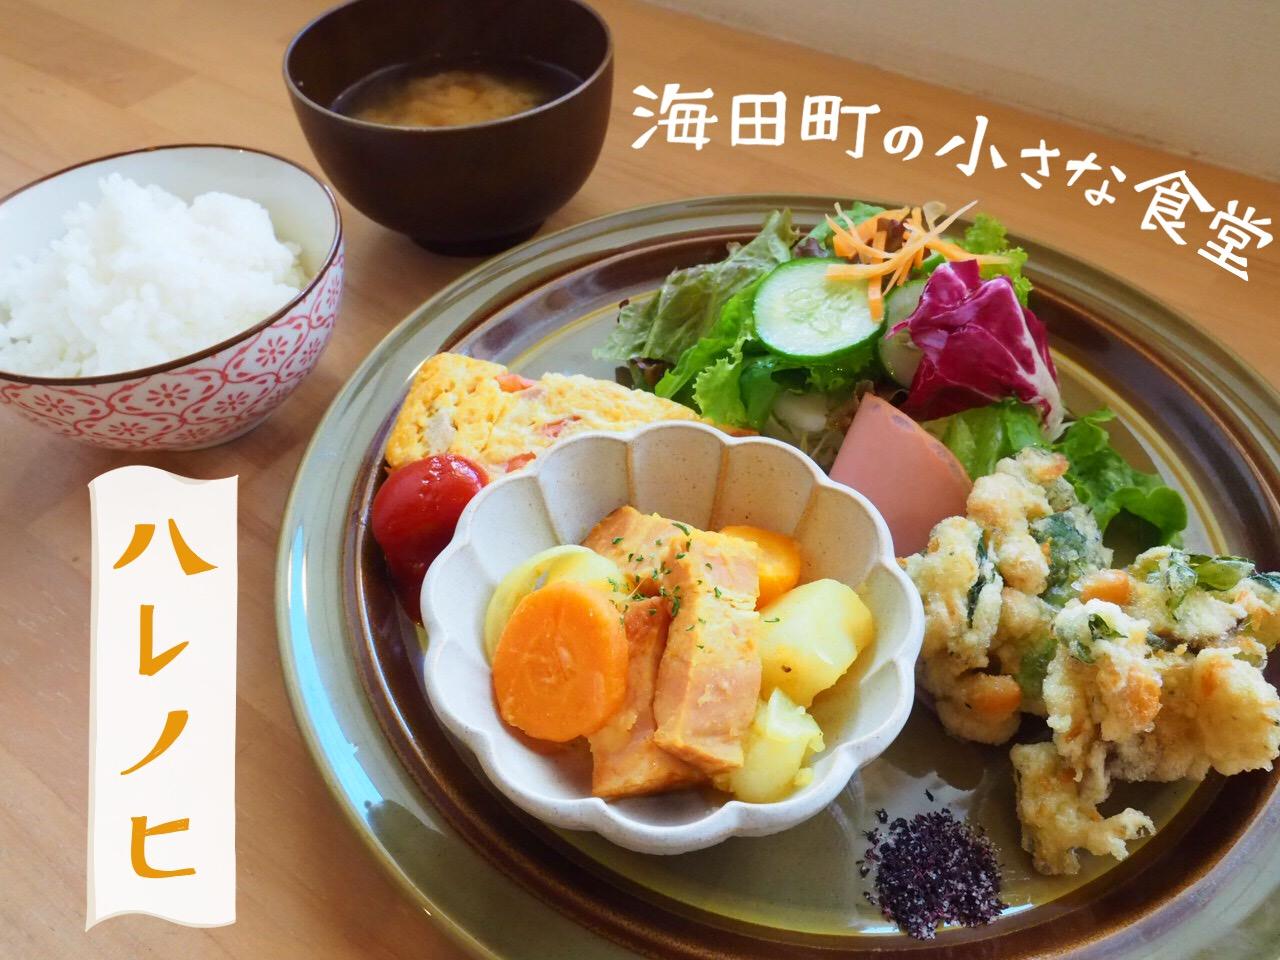 ハレノヒ 〈海田町の小さな食堂〉